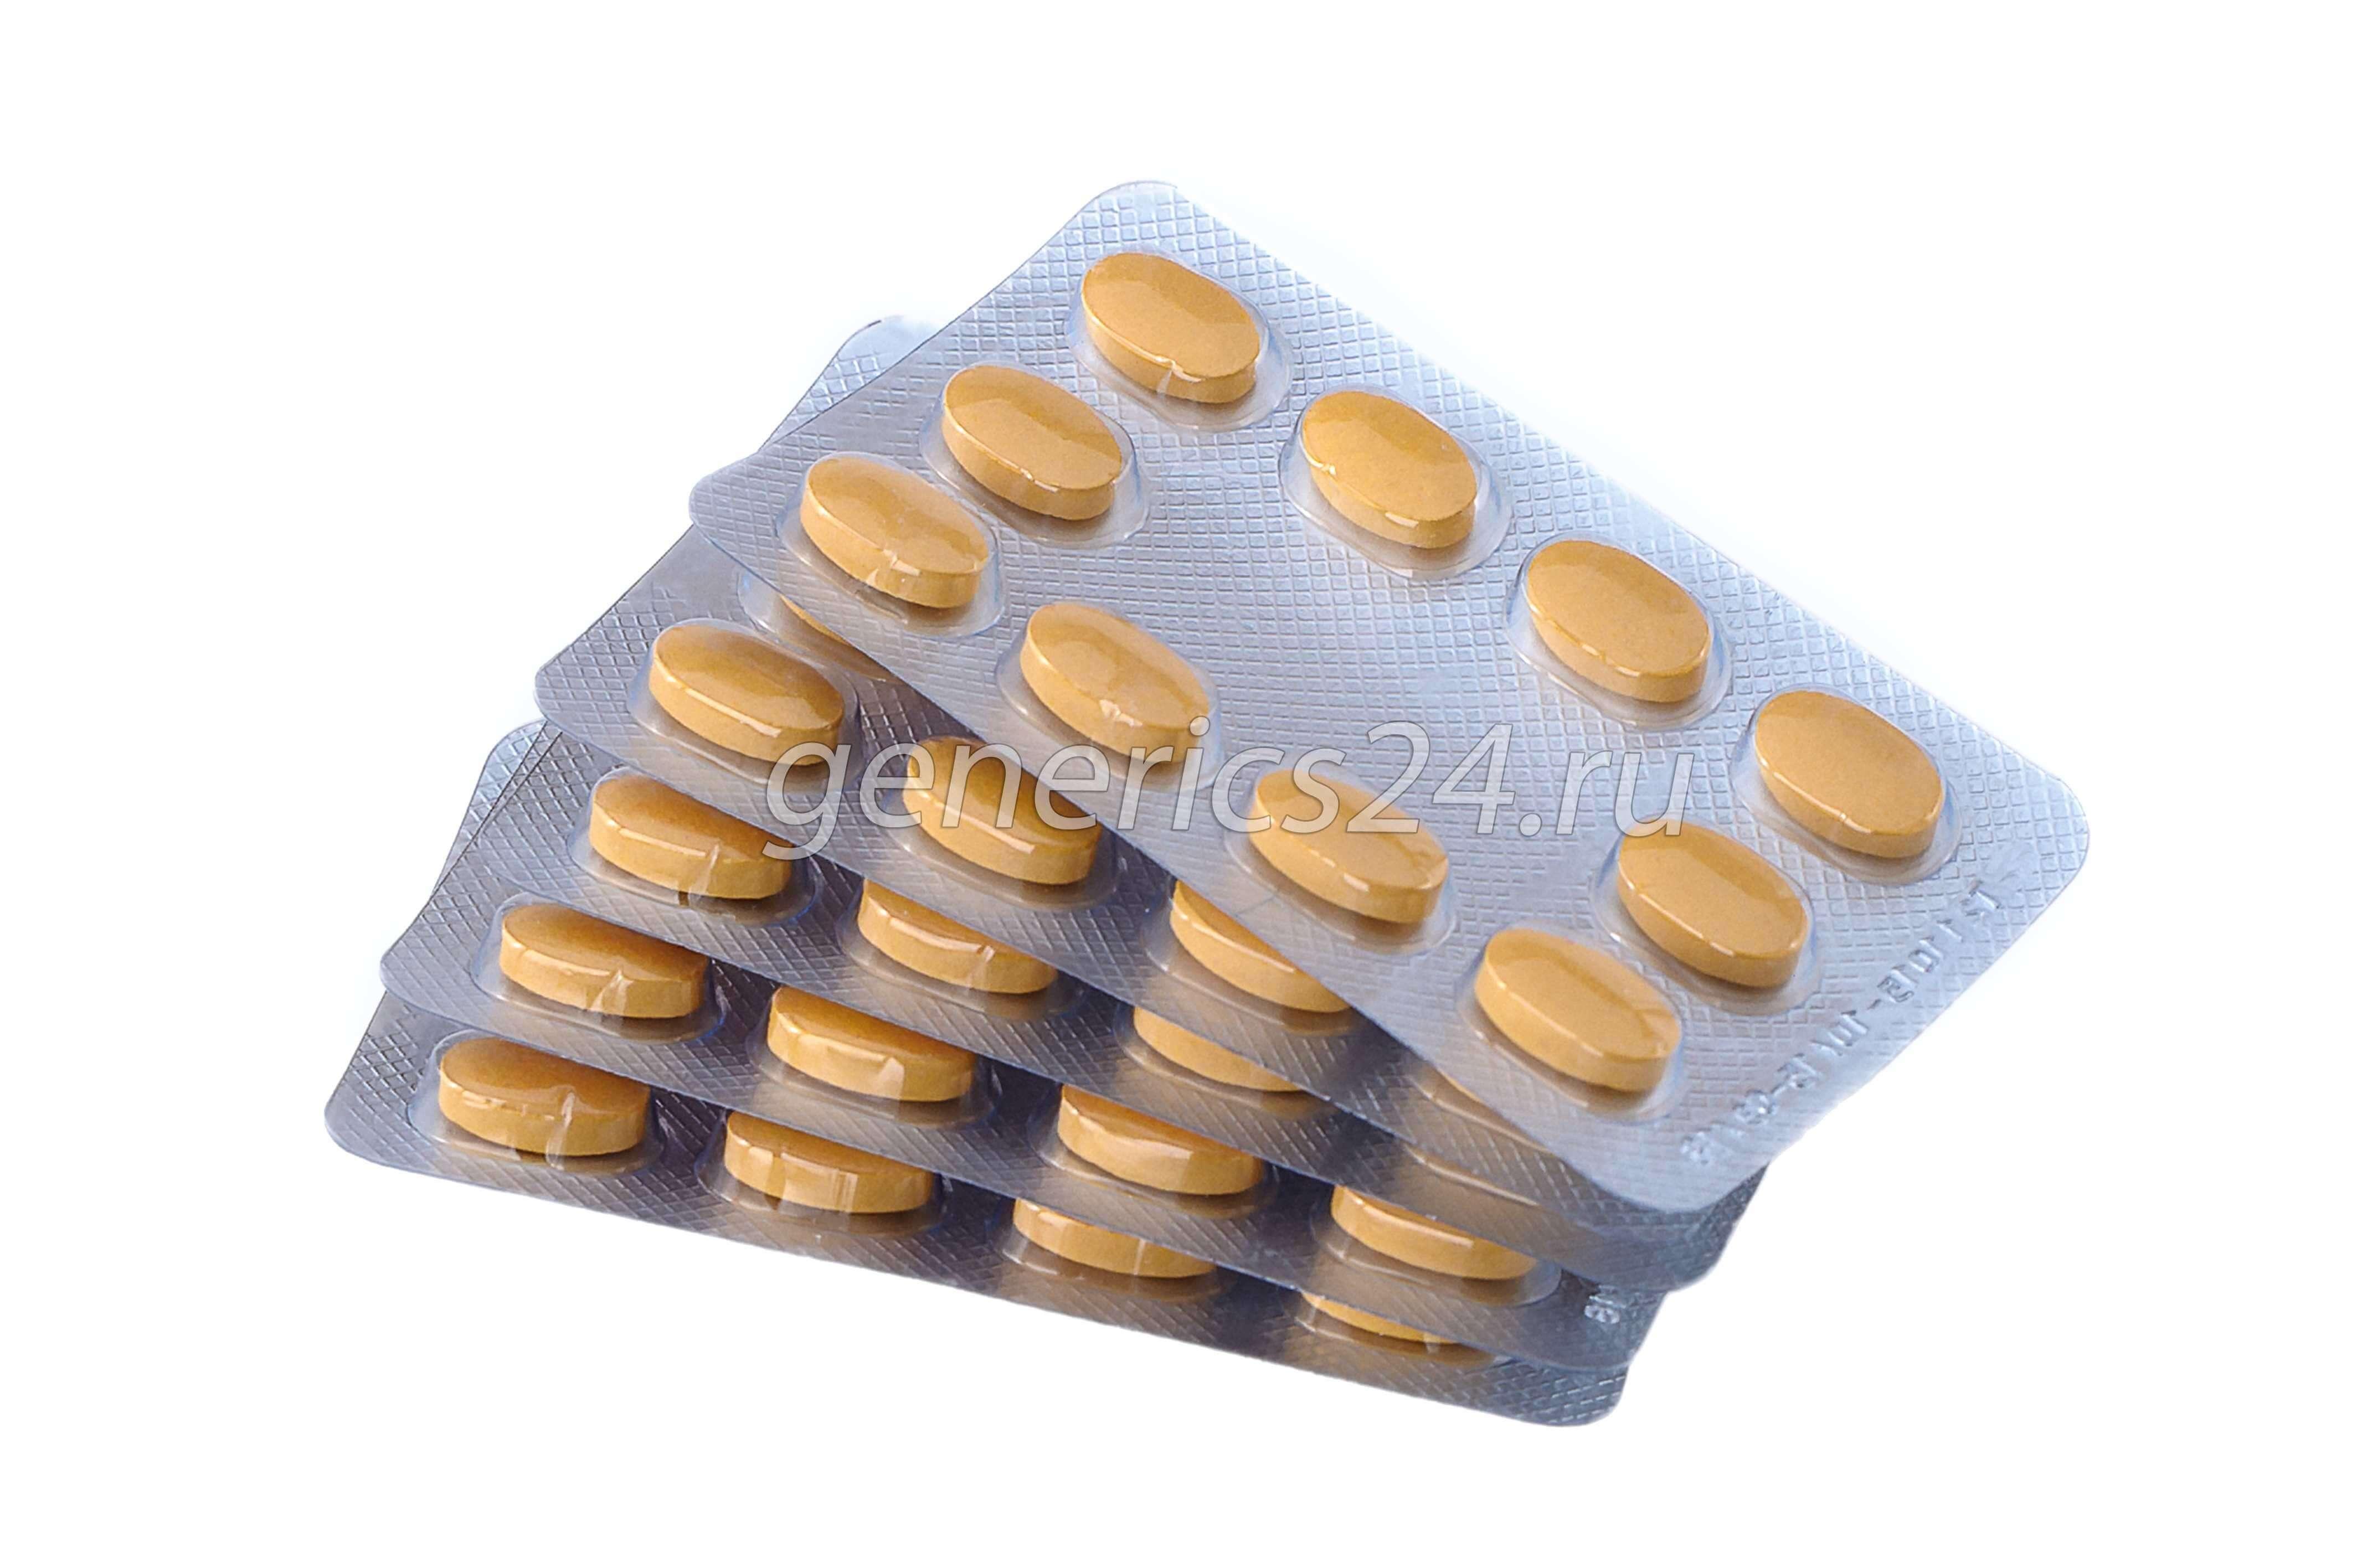 50 таблеток  - hd 720